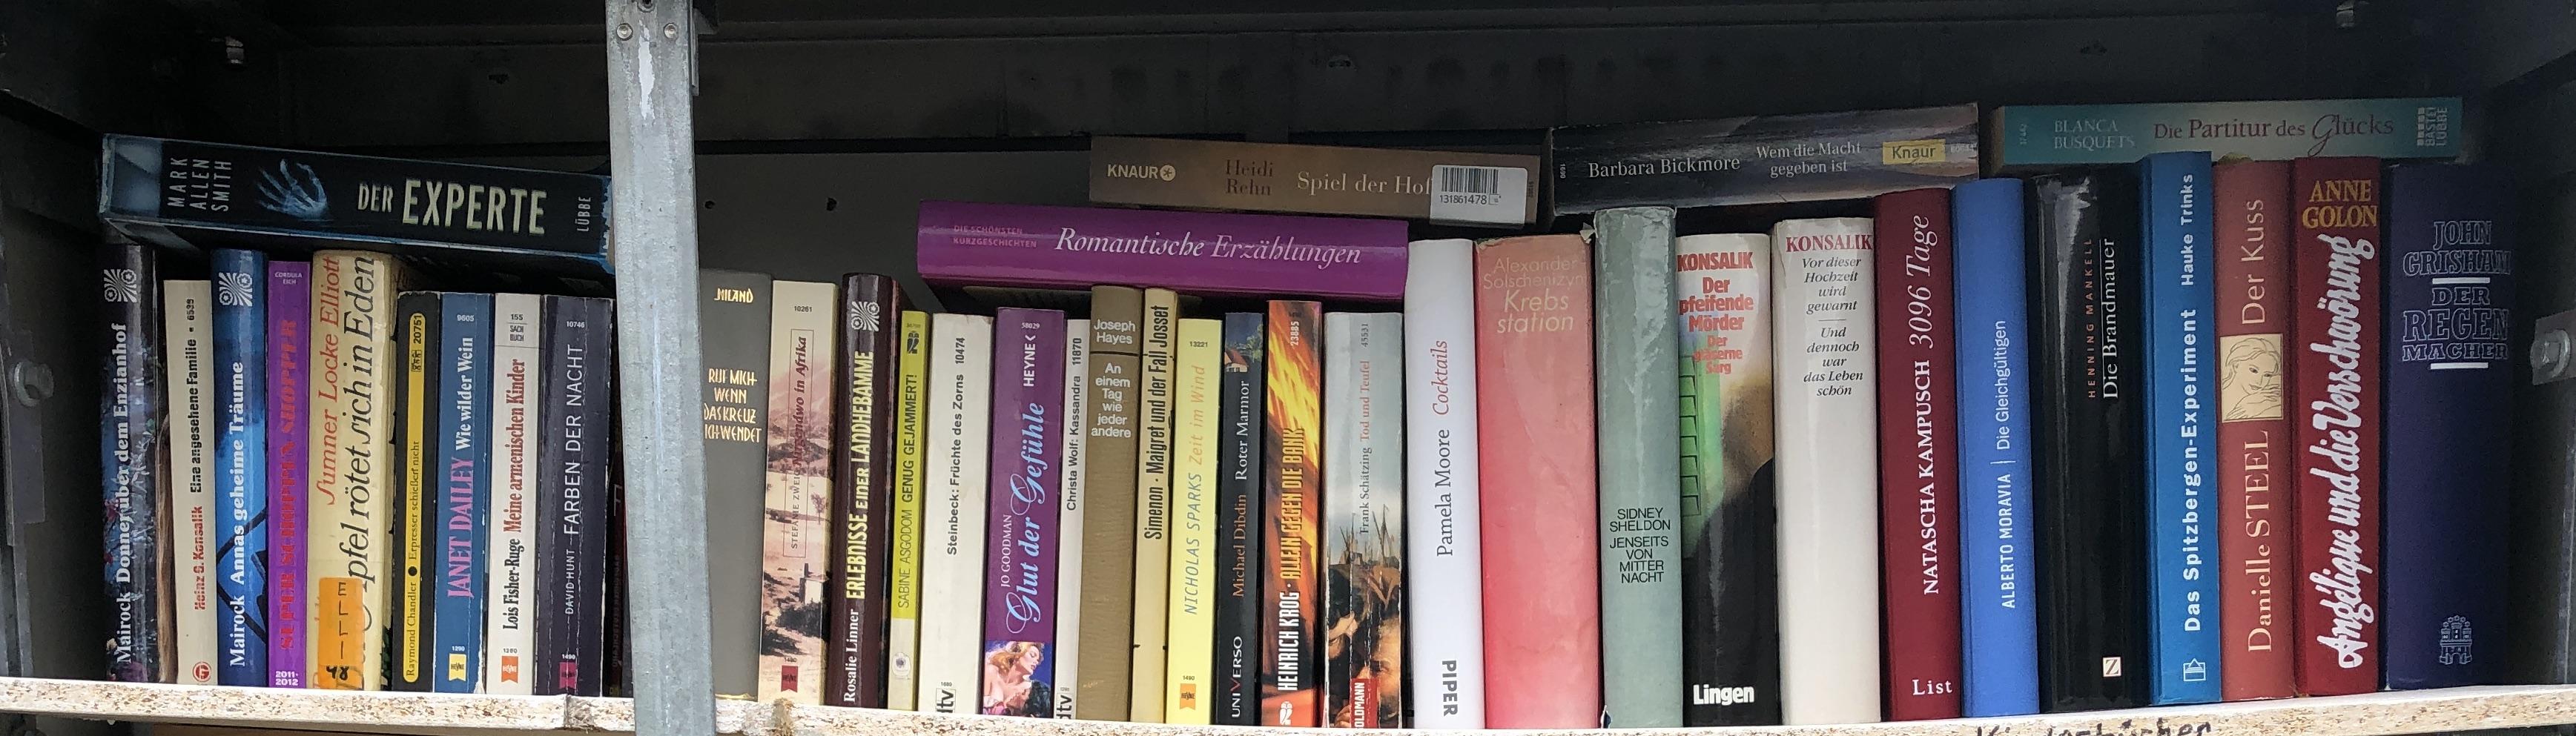 Bücherschrank innen, Bücher oberste Reihe